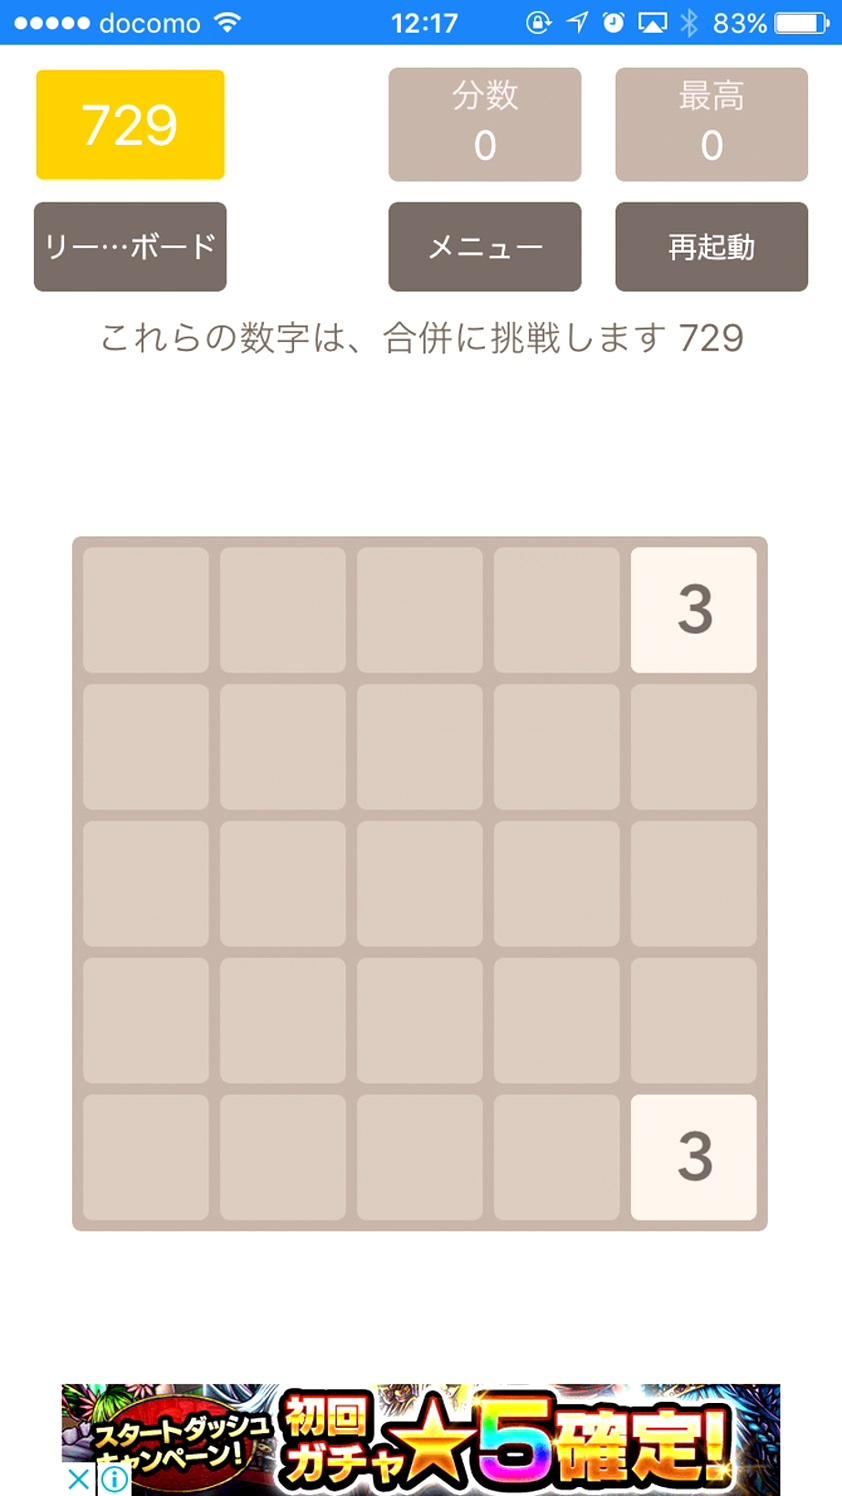 333-ナンバーゲーム androidアプリスクリーンショット1